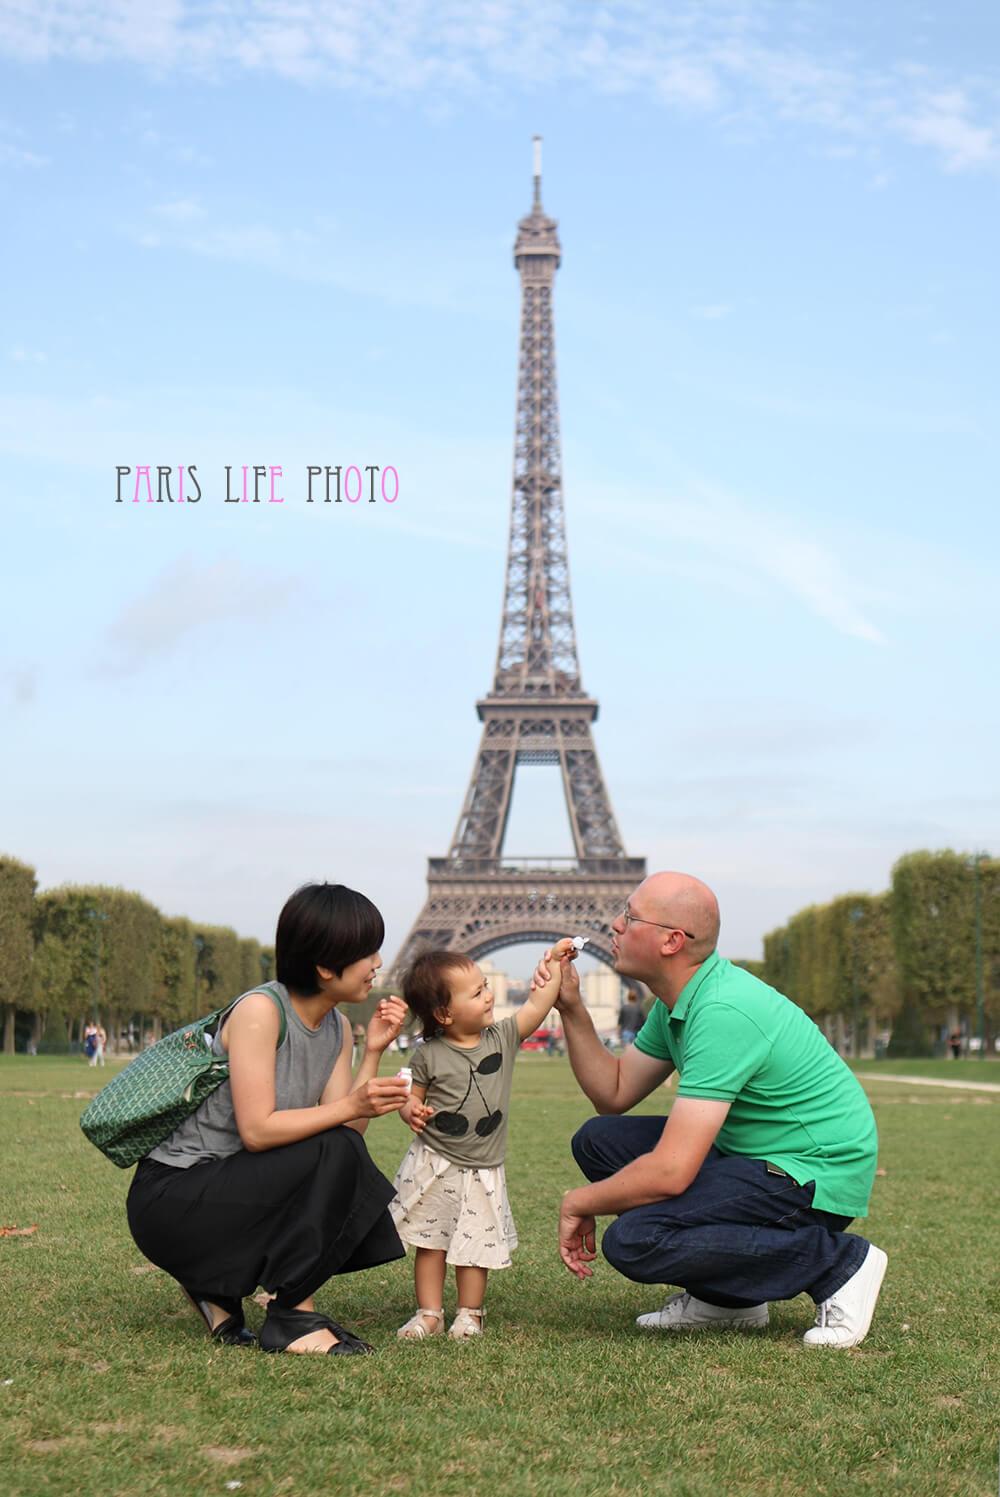 エッフェル塔を背景にした家族写真